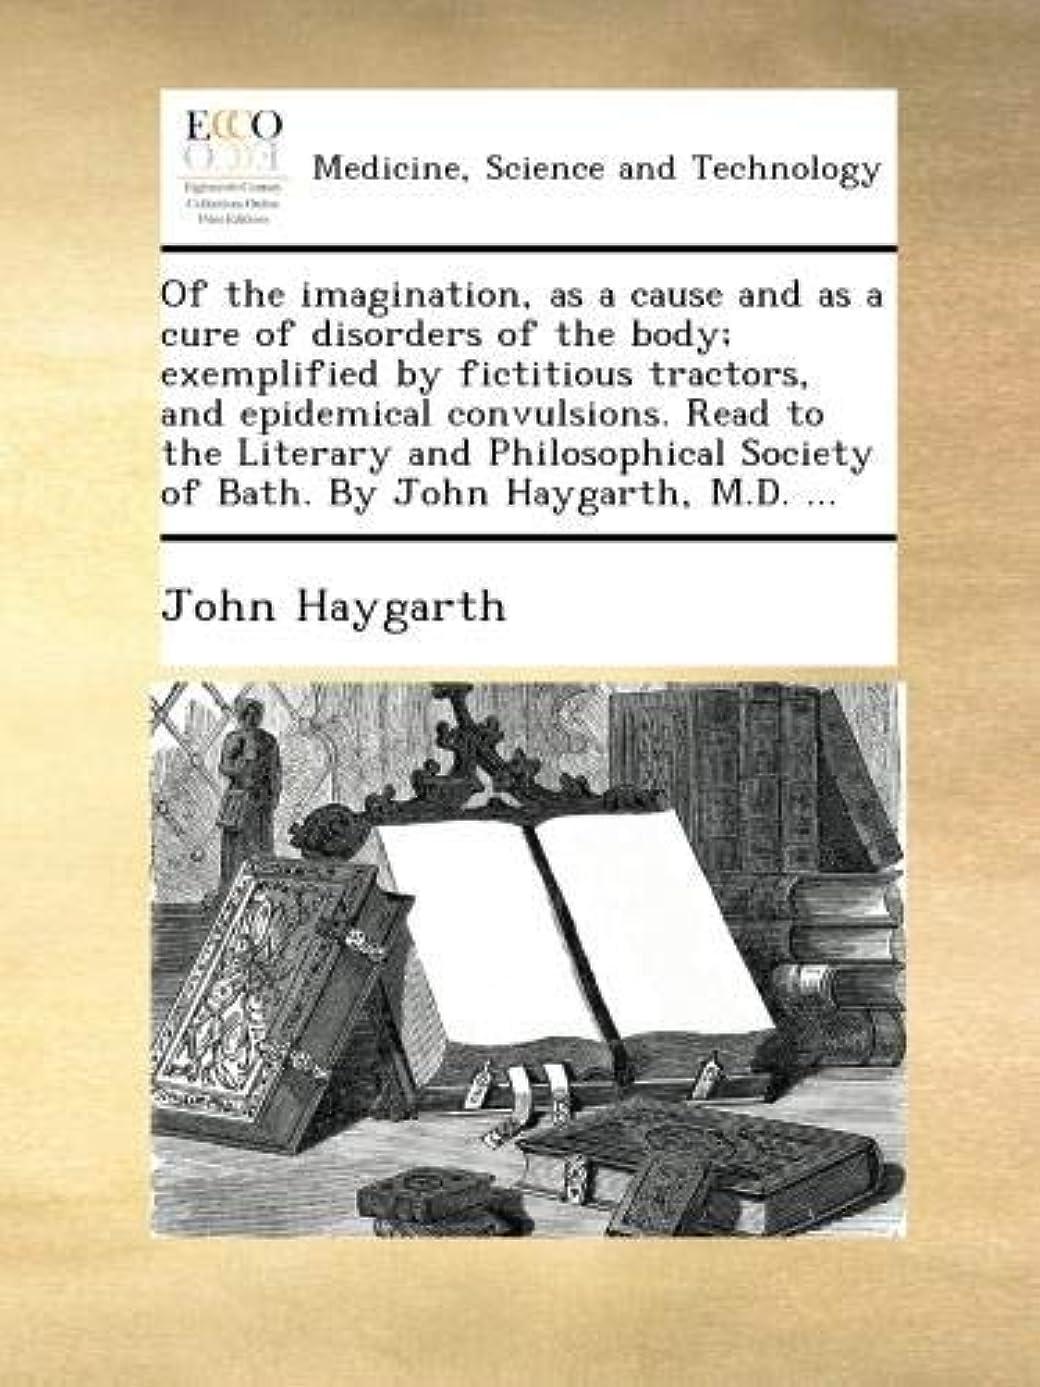 不足吸う是正Of the imagination, as a cause and as a cure of disorders of the body; exemplified by fictitious tractors, and epidemical convulsions. Read to the Literary and Philosophical Society of Bath. By John Haygarth, M.D. ...